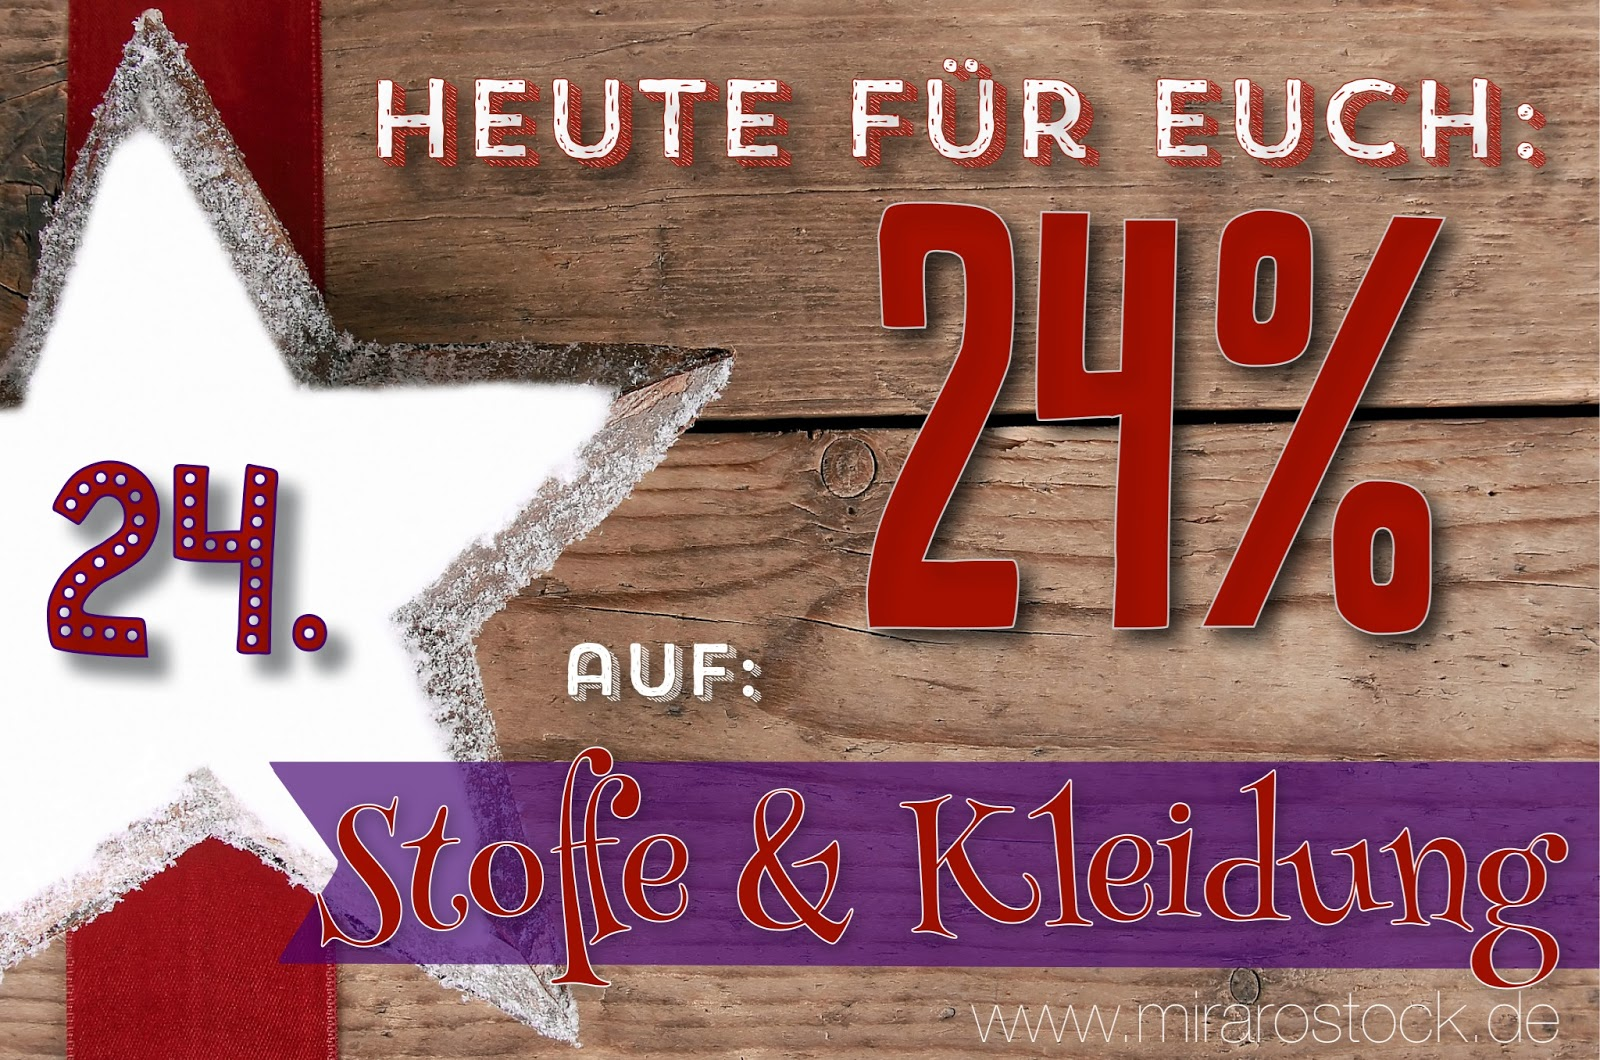 Türchen N°24 im Adventskalender: 24% Rabatt auf alle Stoffe & Kleidung! 3